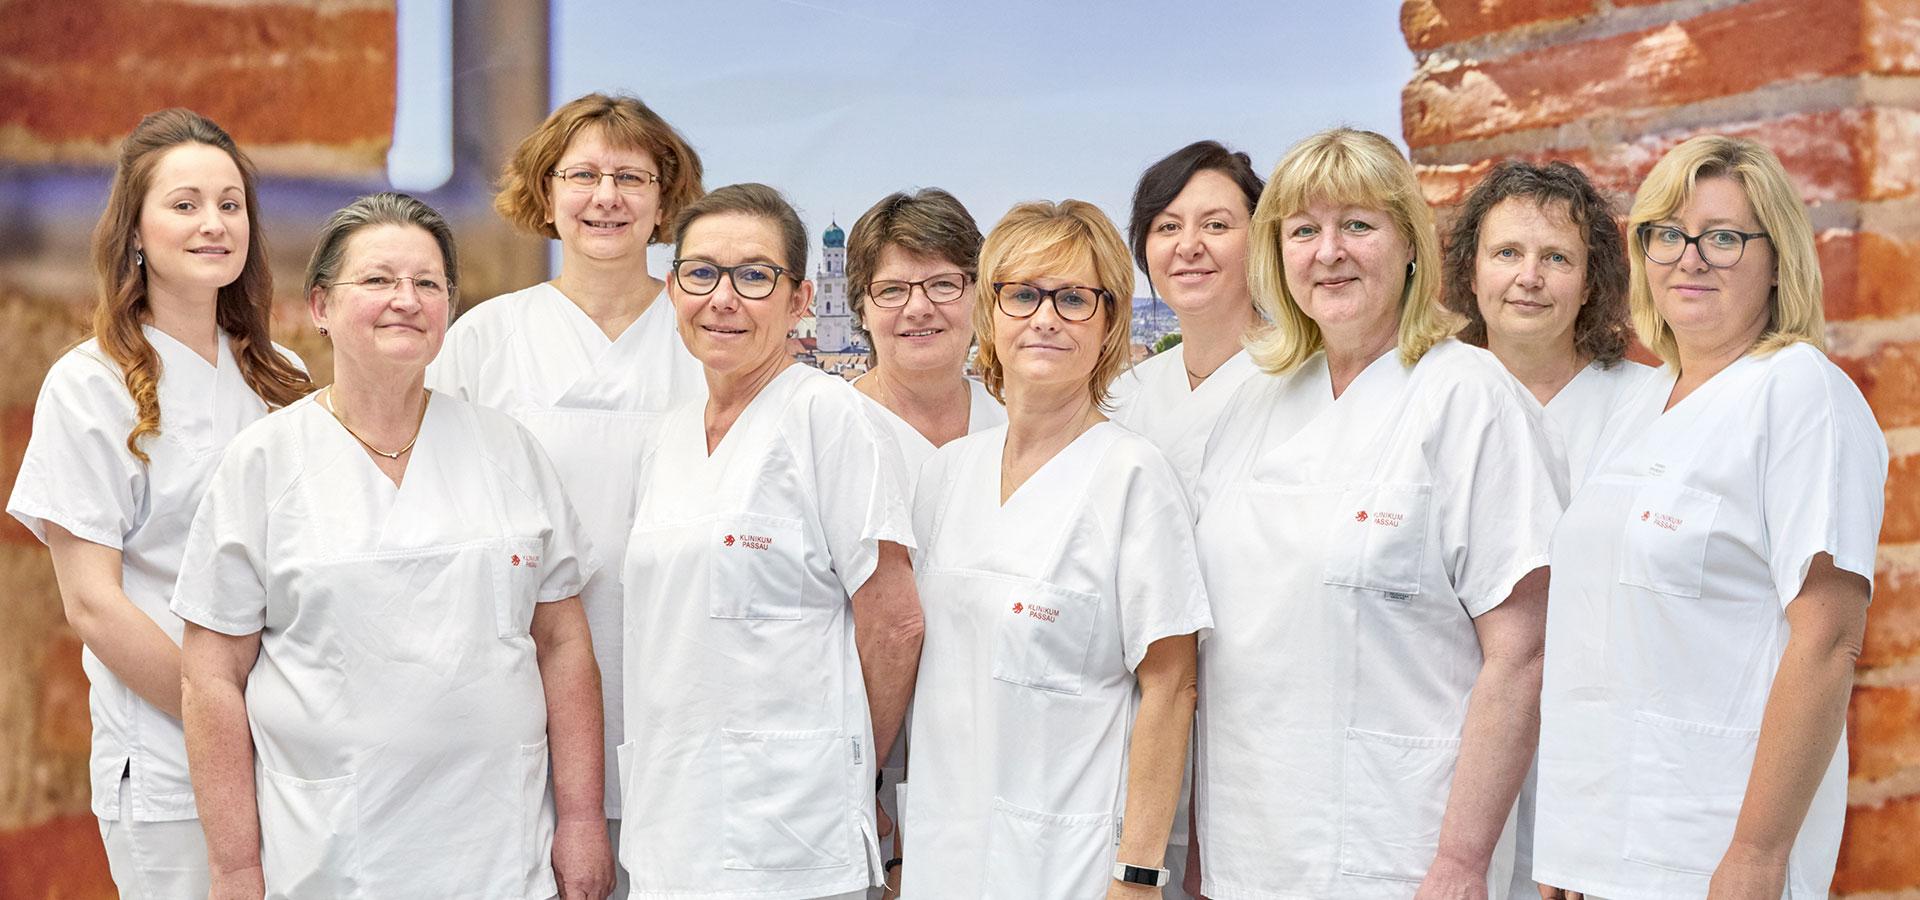 Das Team der Sozialberatung | Brustzentrum Passau